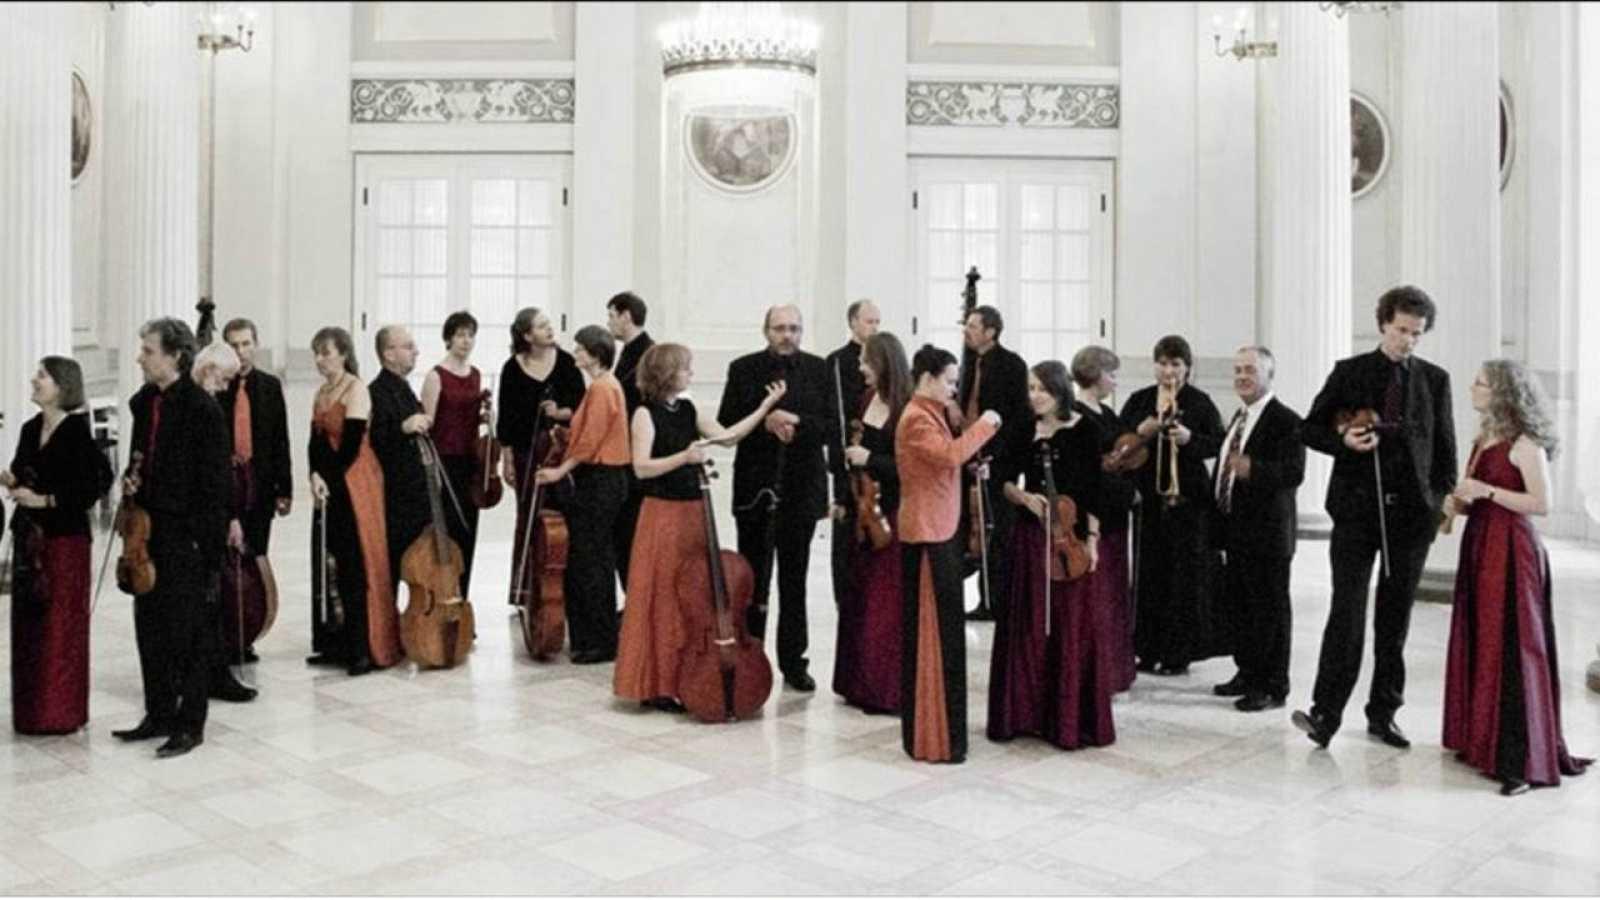 Academia de música antigua de Berlín